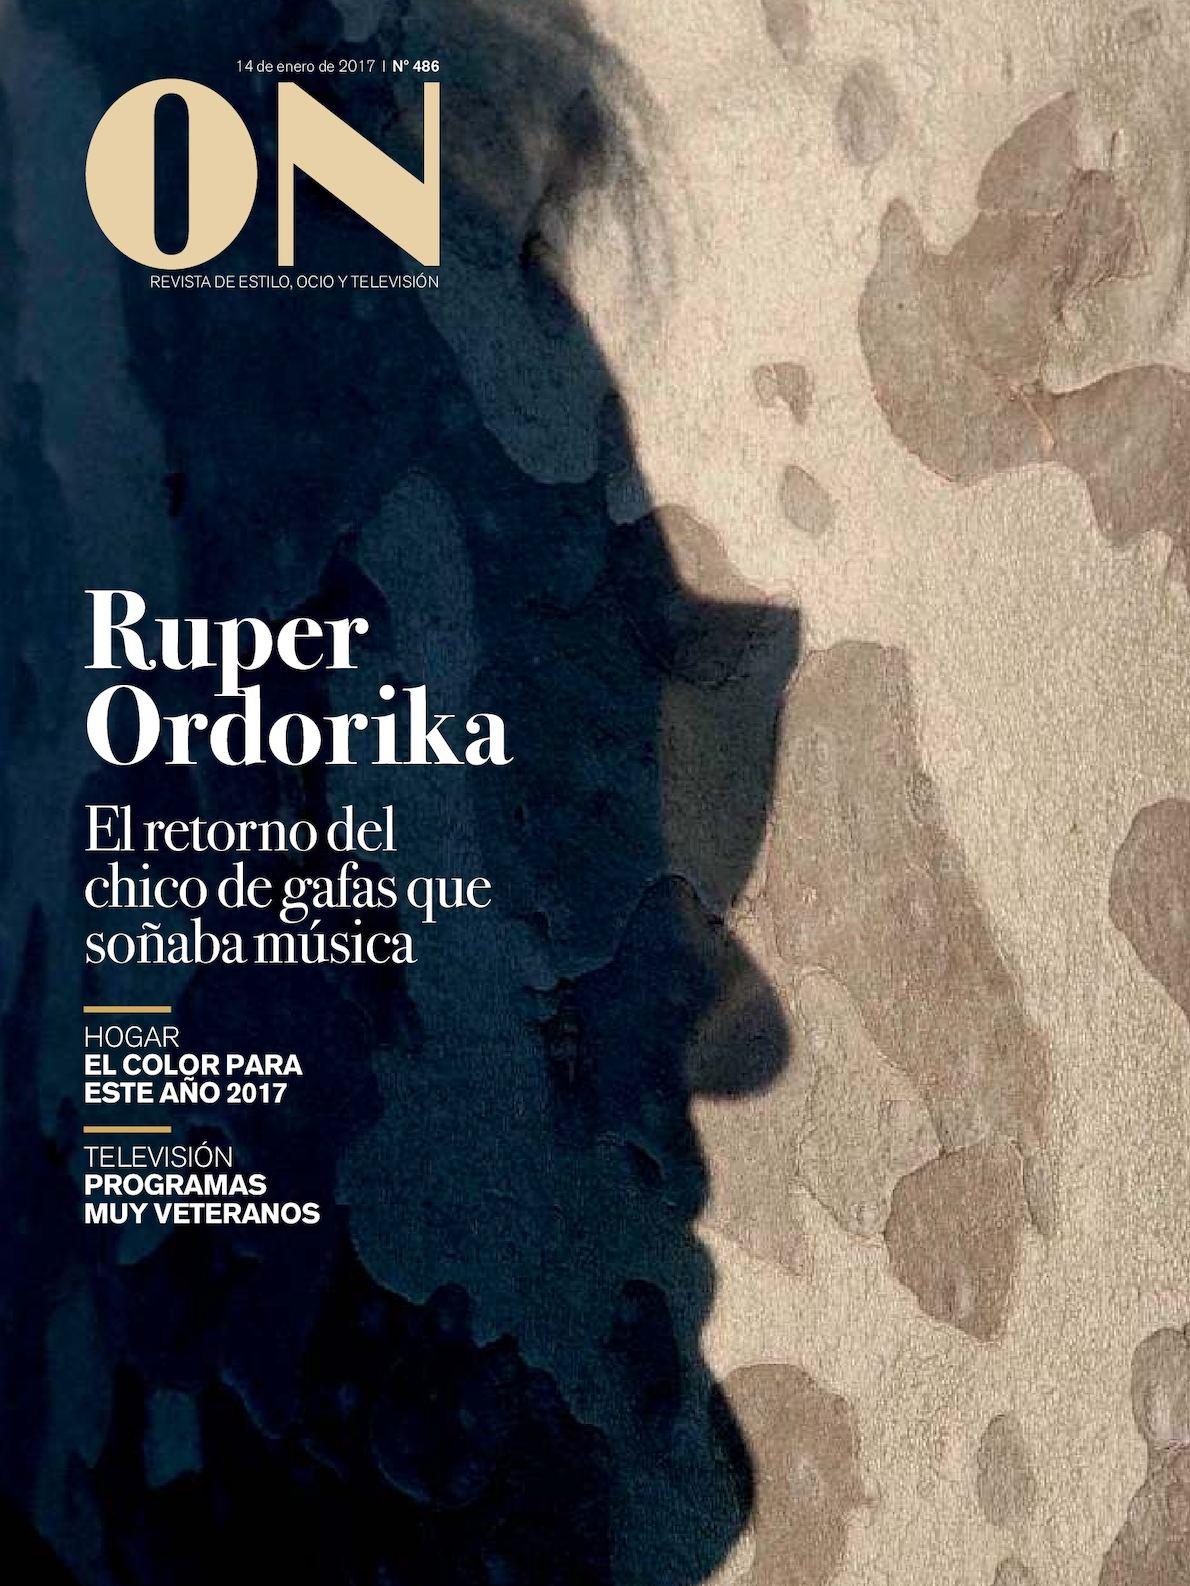 ON Revista de Ocio y Estilo 20170114